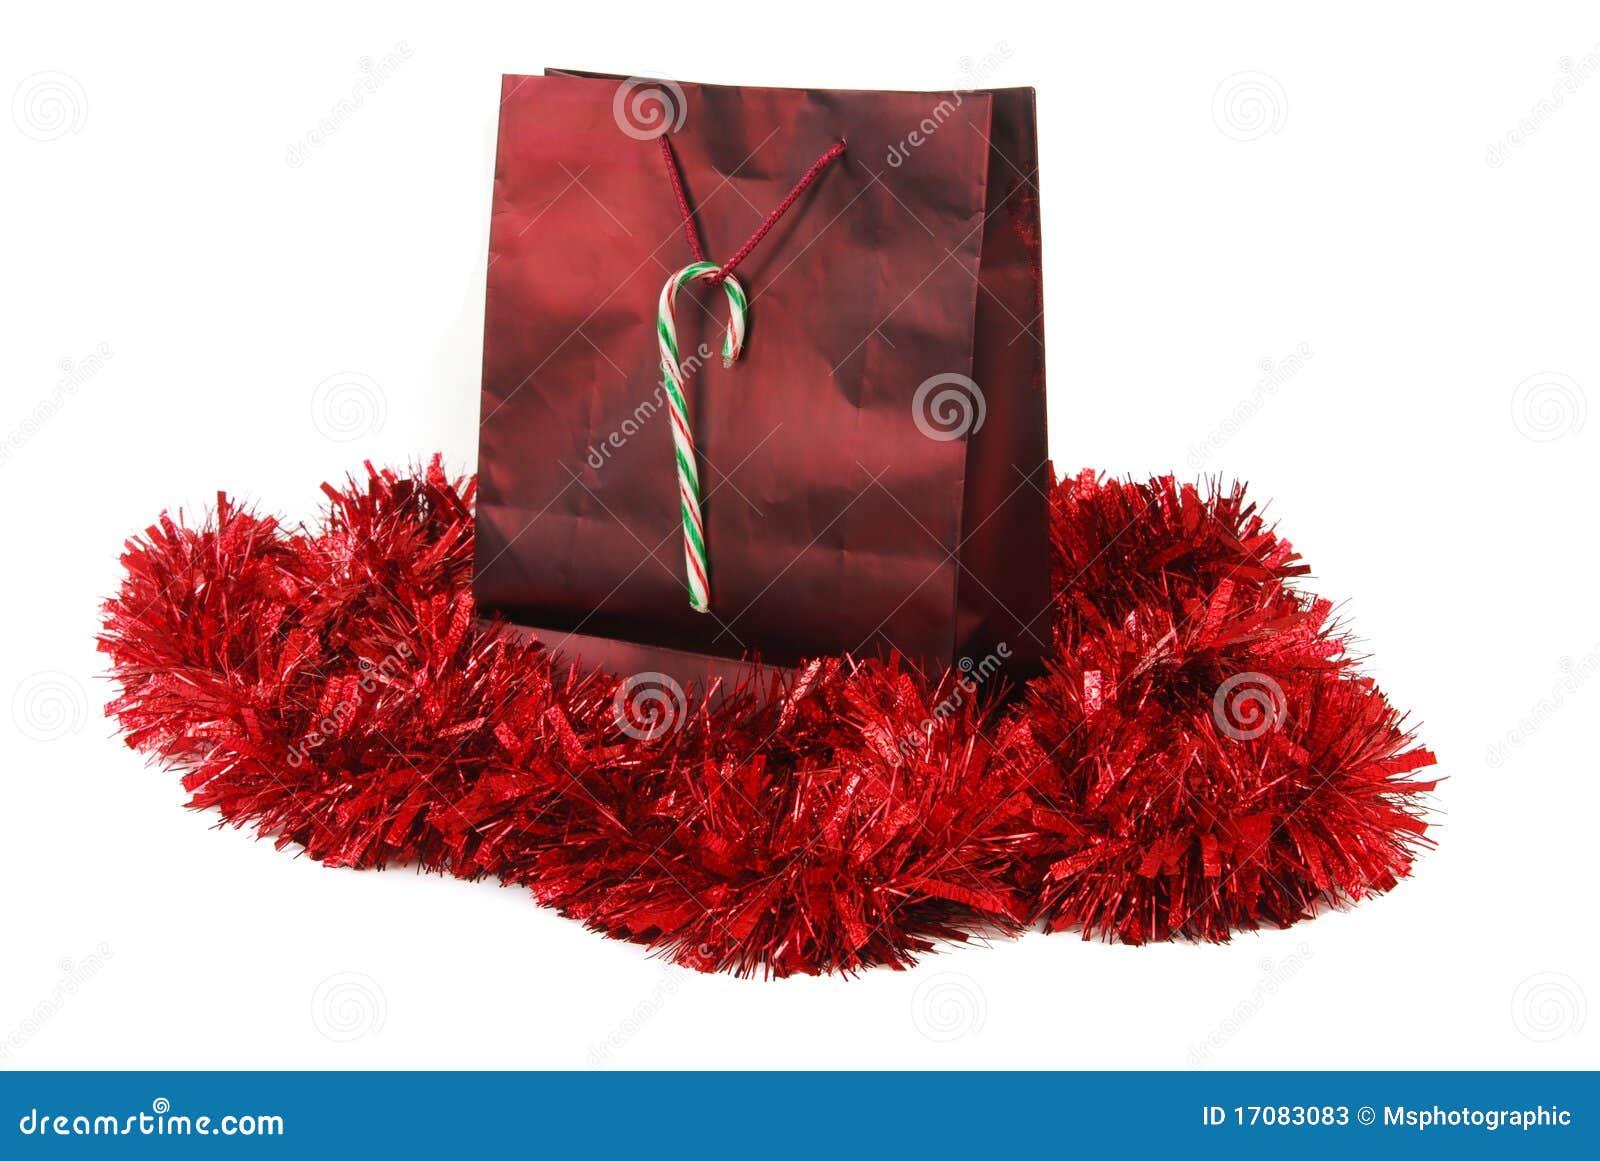 Roter Folie Weihnachtsbeutel